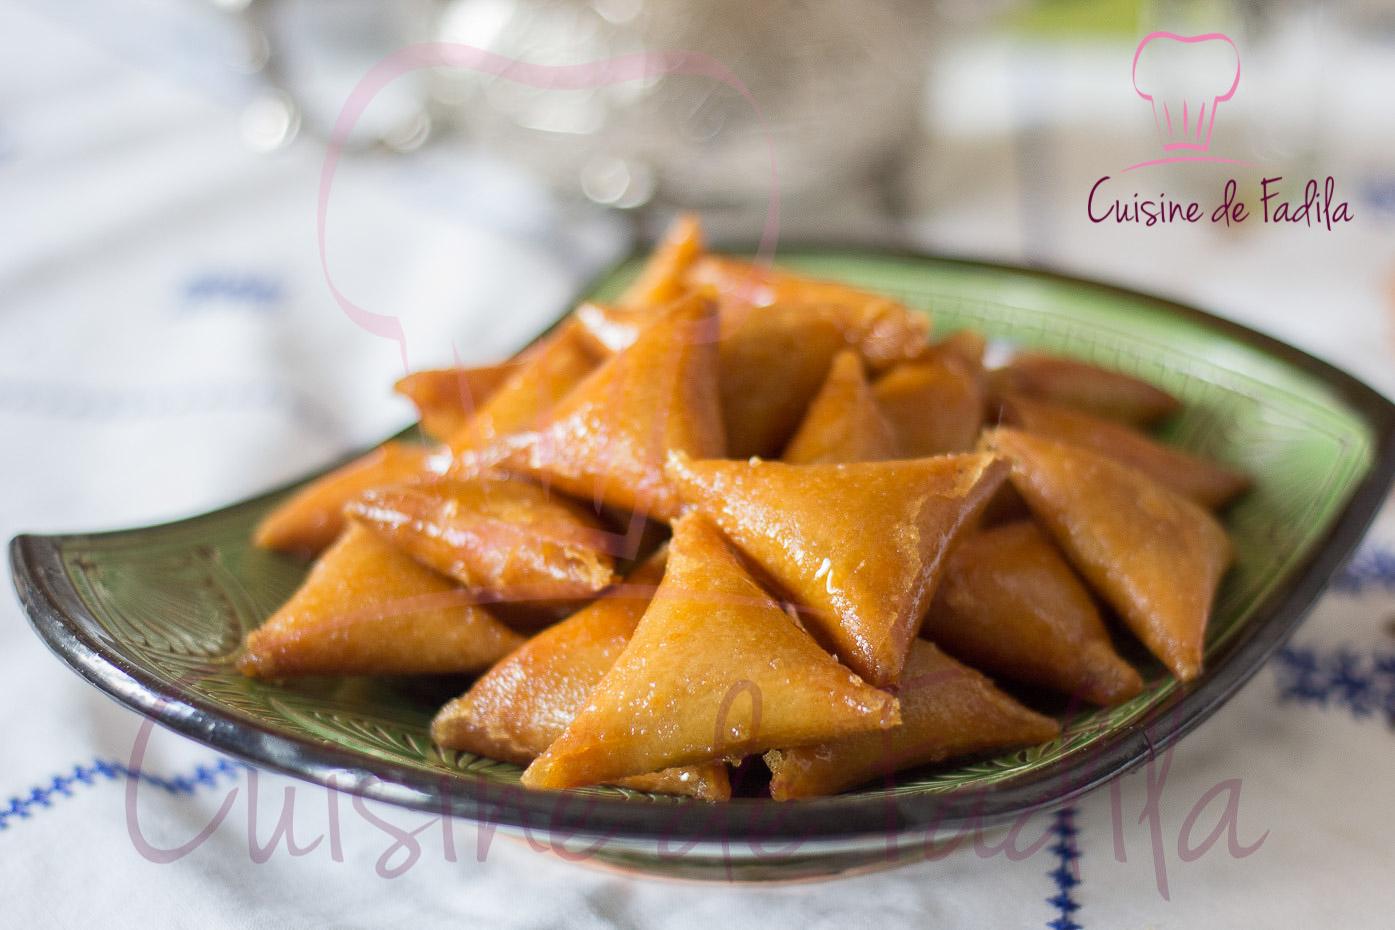 Briwate aux amandes recette en vid o cuisine de fadila for Video de cuisine youtube